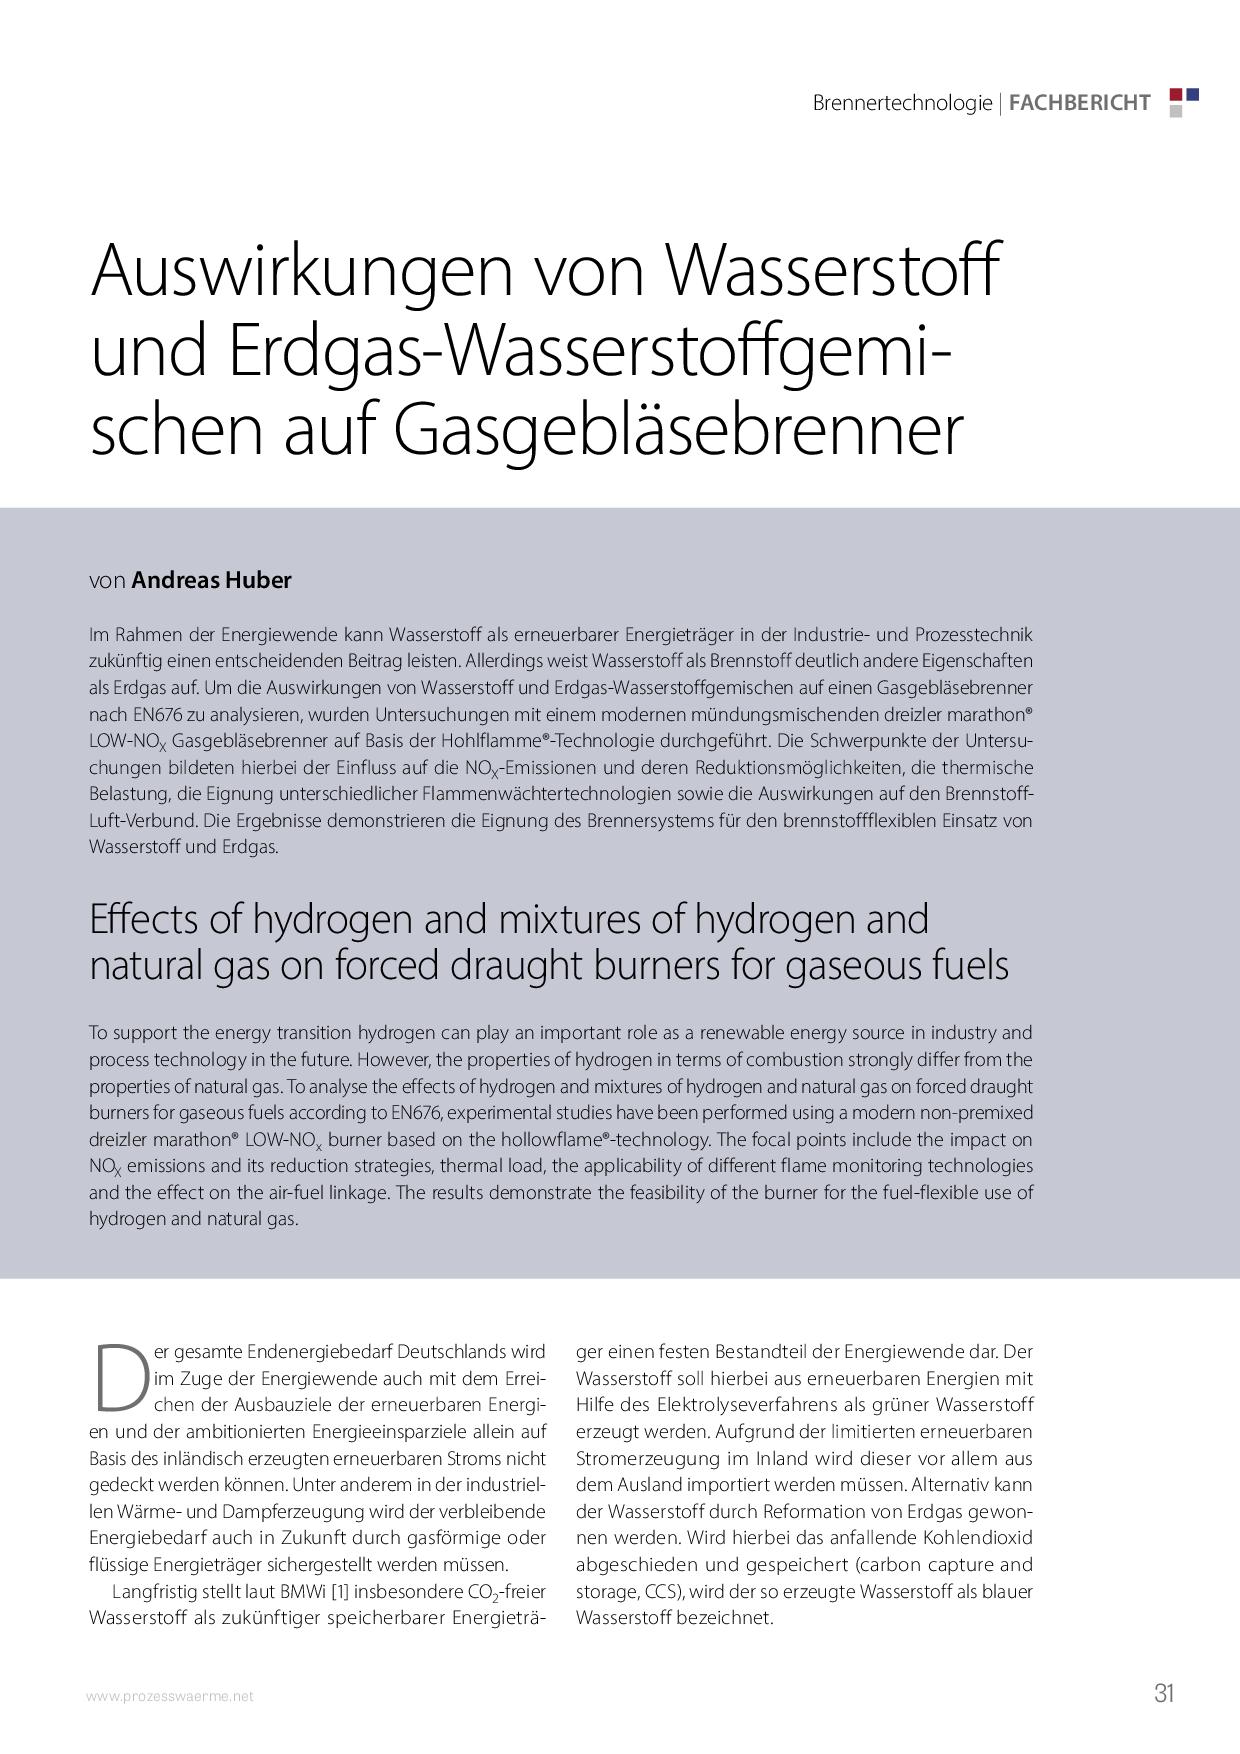 Auswirkungen von Wasserstoff und Erdgas-Wasserstoffgemischen auf Gasgebläsebrenner